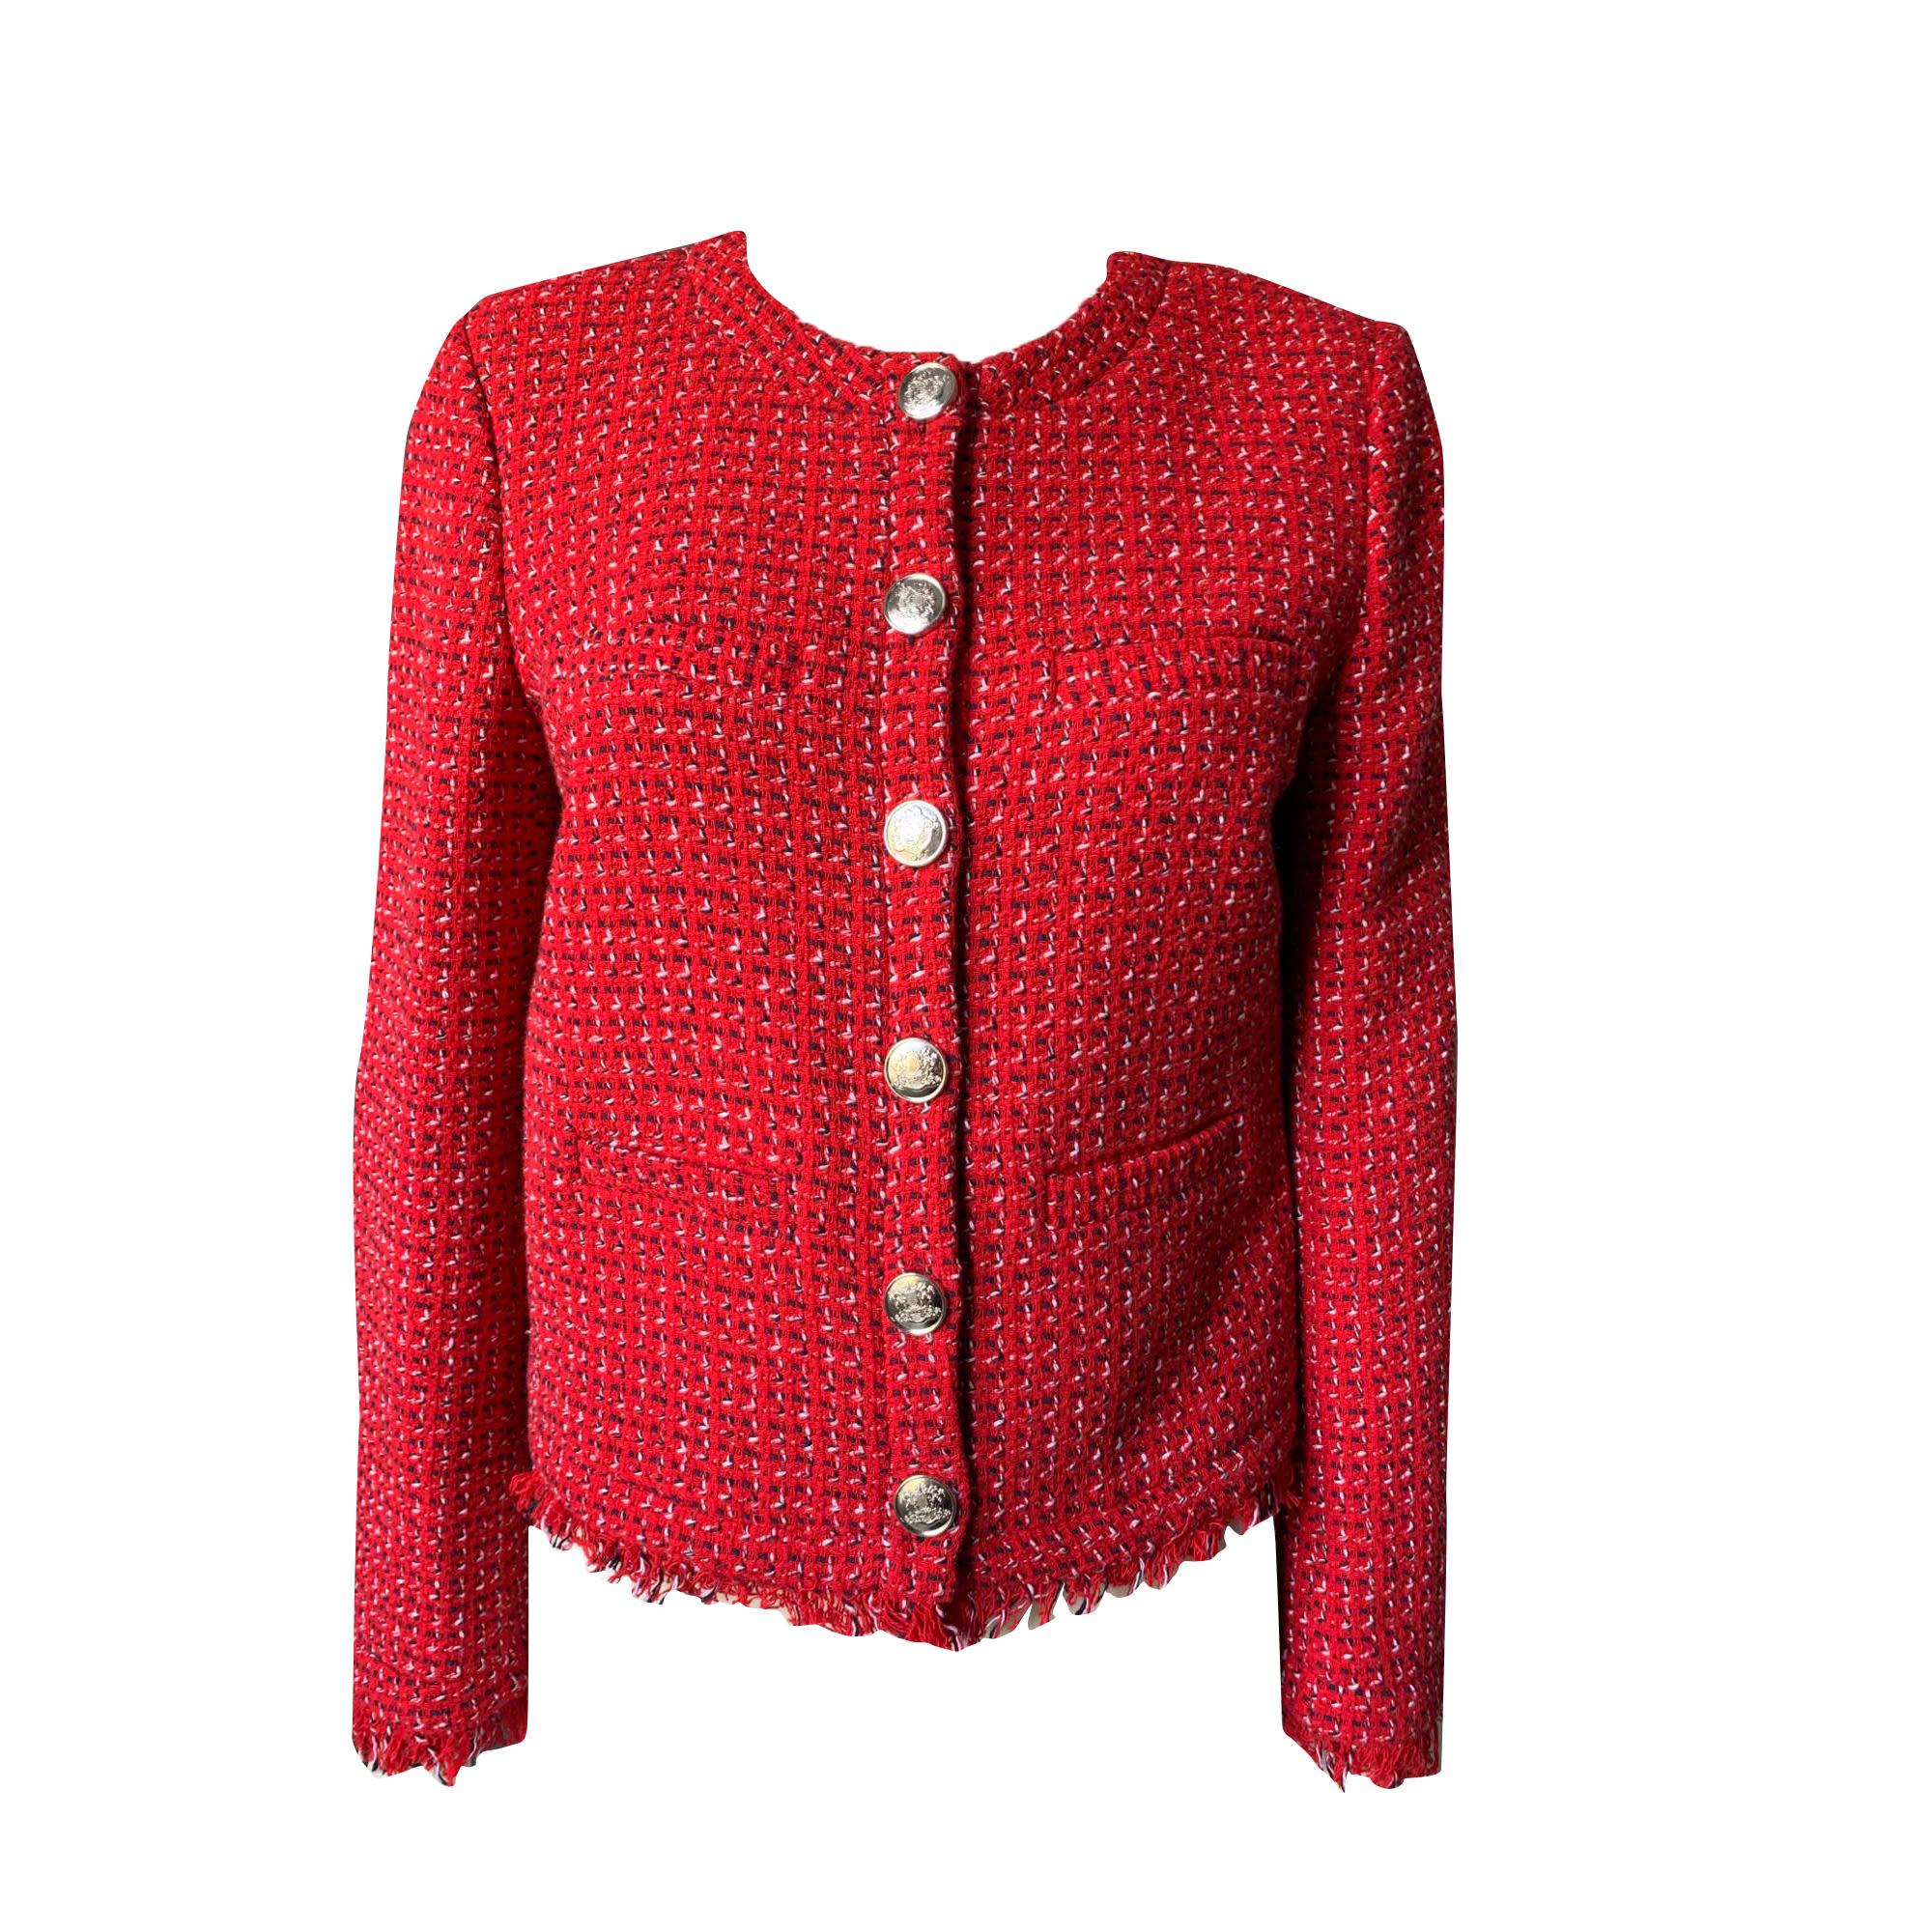 Blazer, veste tailleur CLAUDIE PIERLOT Rouge, bordeaux